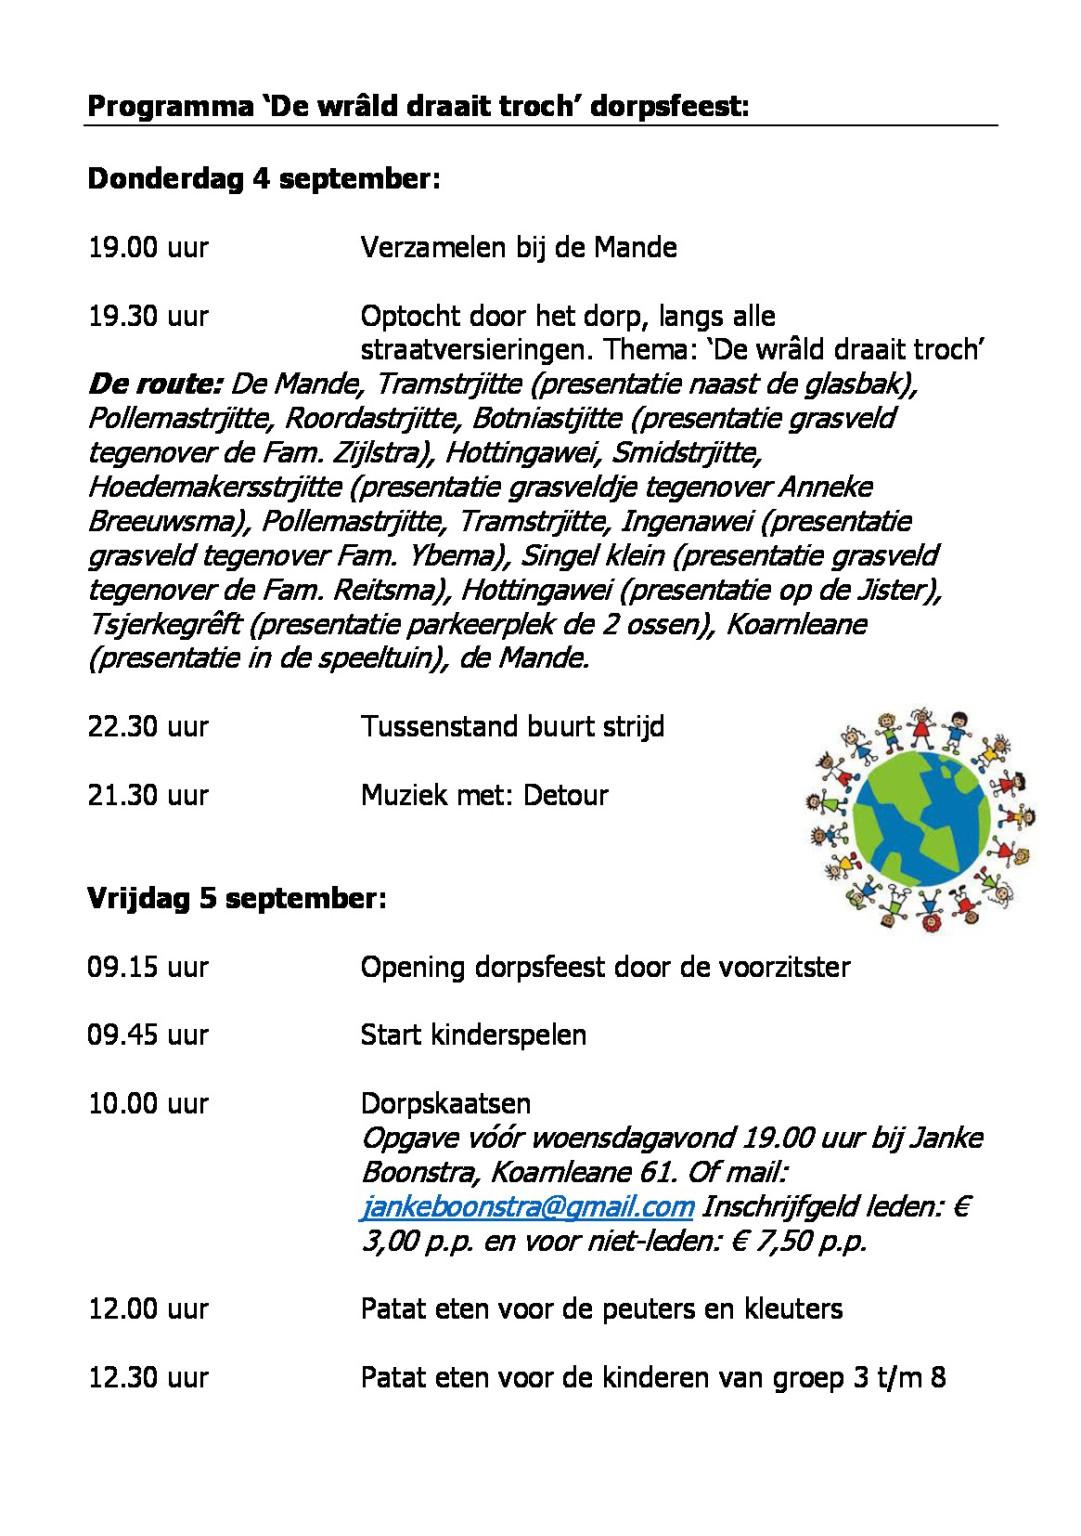 http://www.oranjenijland.nl/wp_oranjenijland/wp-content/uploads/2014/08/540031a00dae3-2-1081x1536.jpg